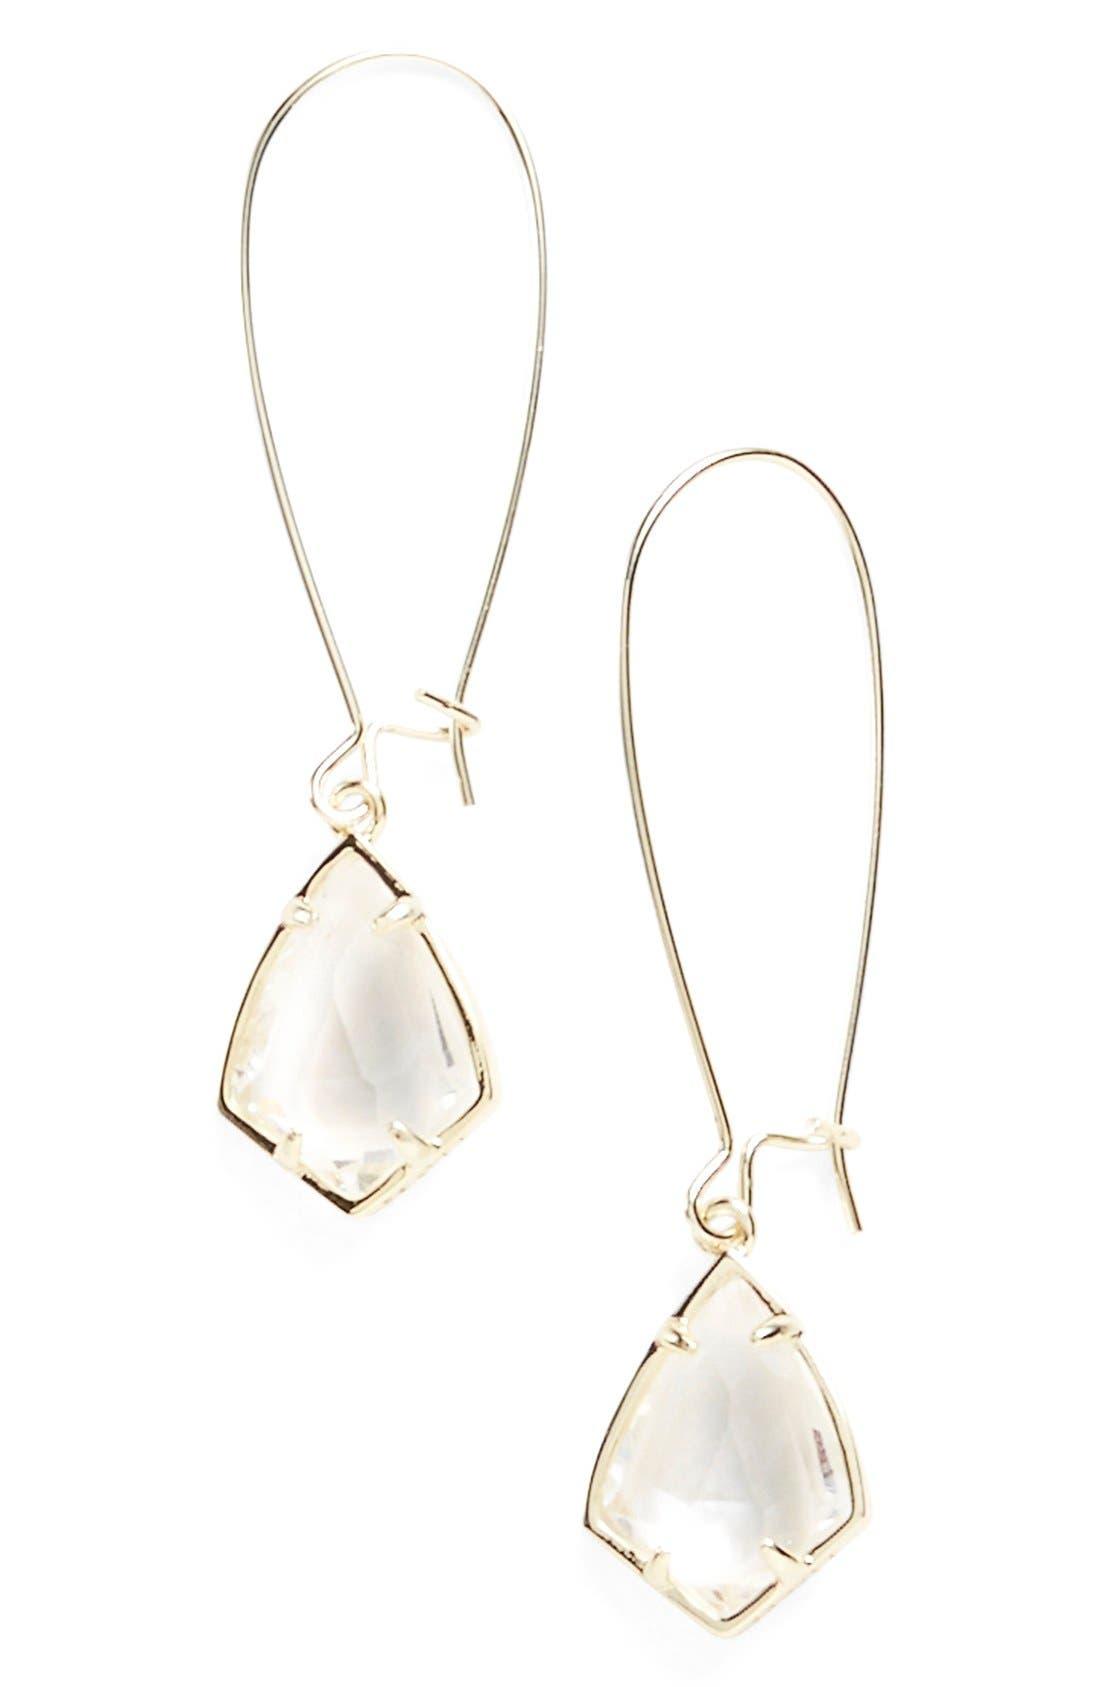 Alternate Image 1 Selected - Kendra Scott 'Carrine' Semiprecious Stone Drop Earrings